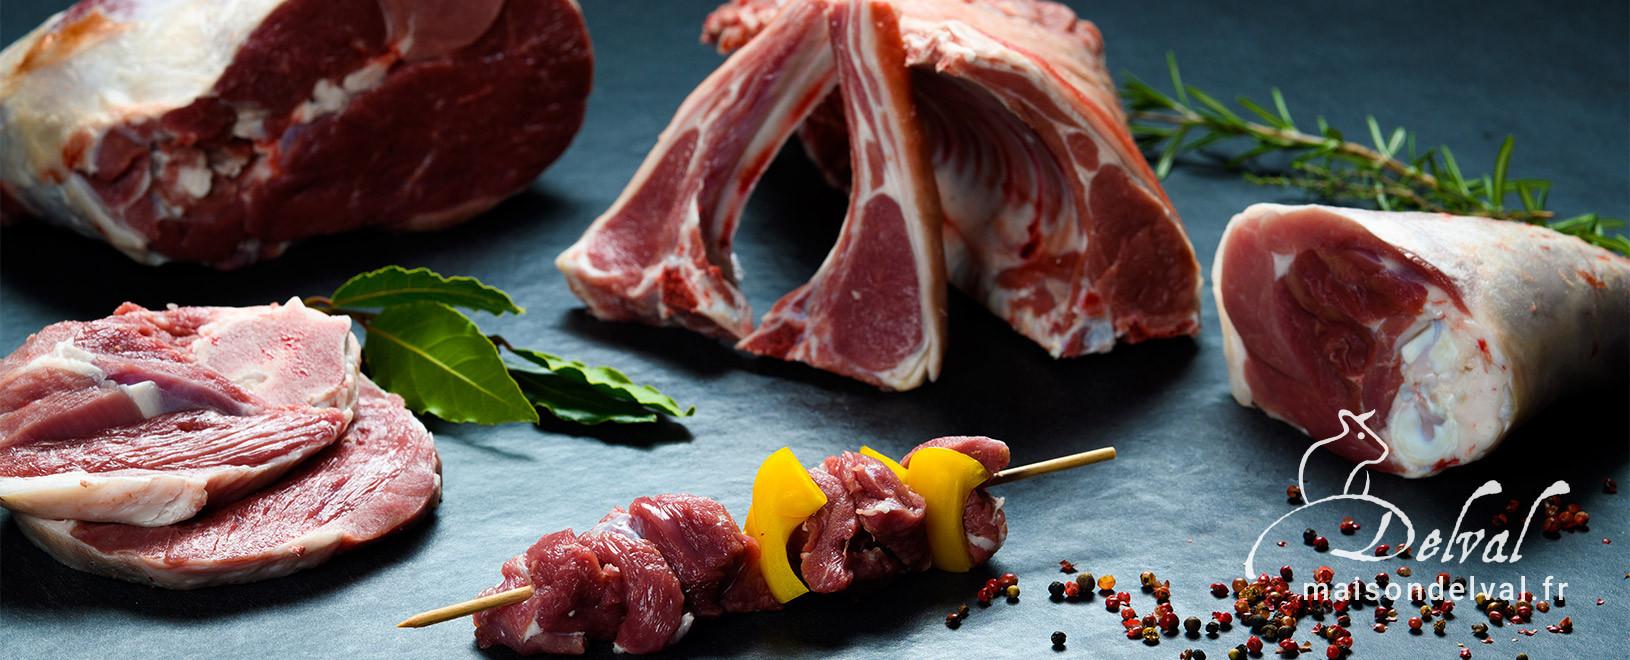 Viande d'agneau traditionnelle et BIO - Vente en ligne - Maison Delval